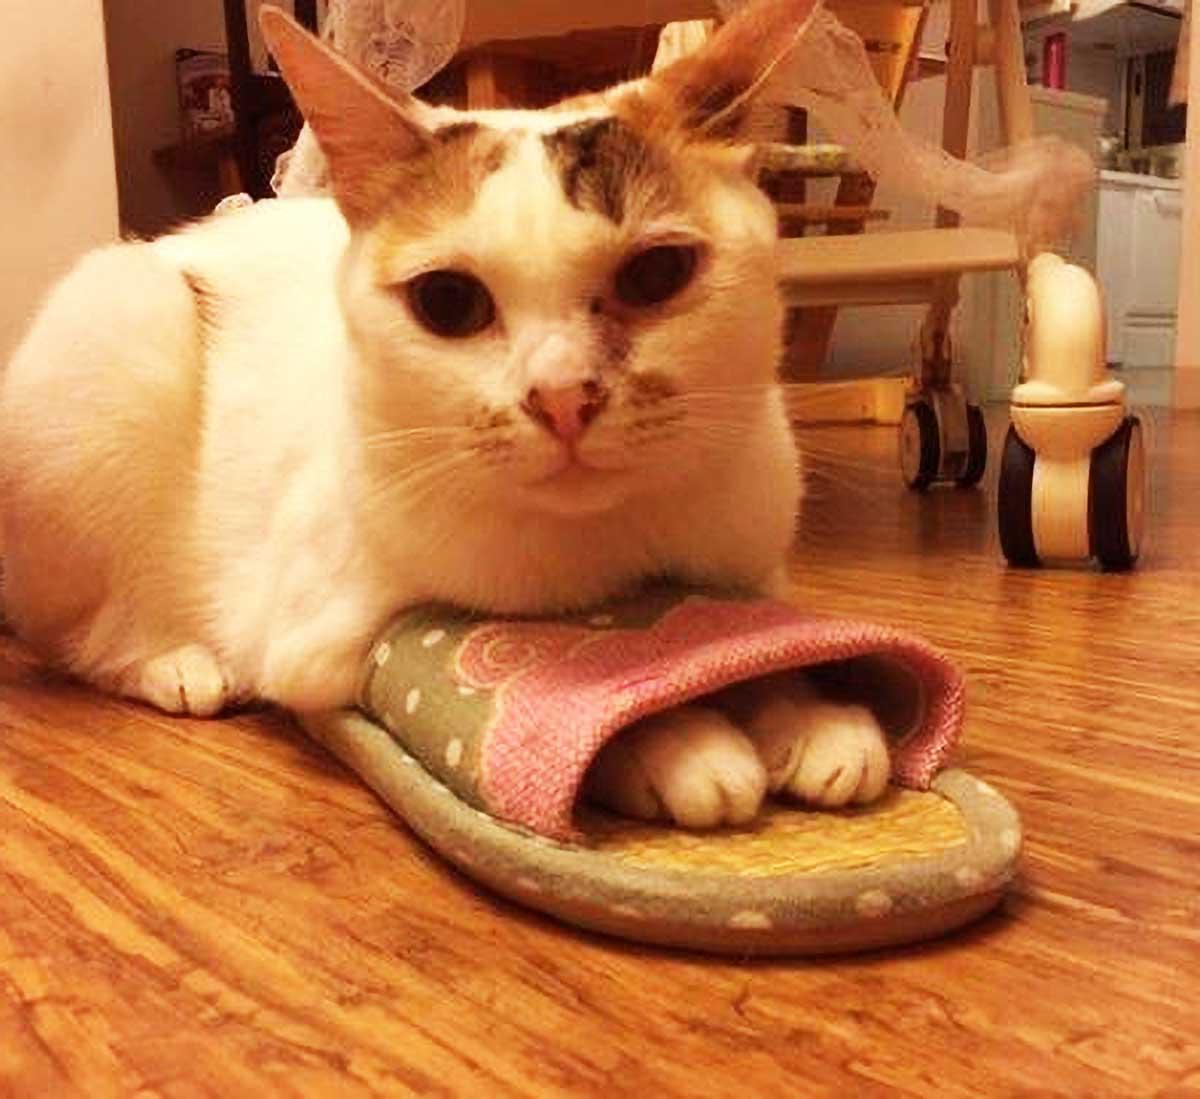 """原创 每当吃饭时,猫咪就喜欢用屁股怼人脸,铲屎官的""""回应""""让人佩服"""